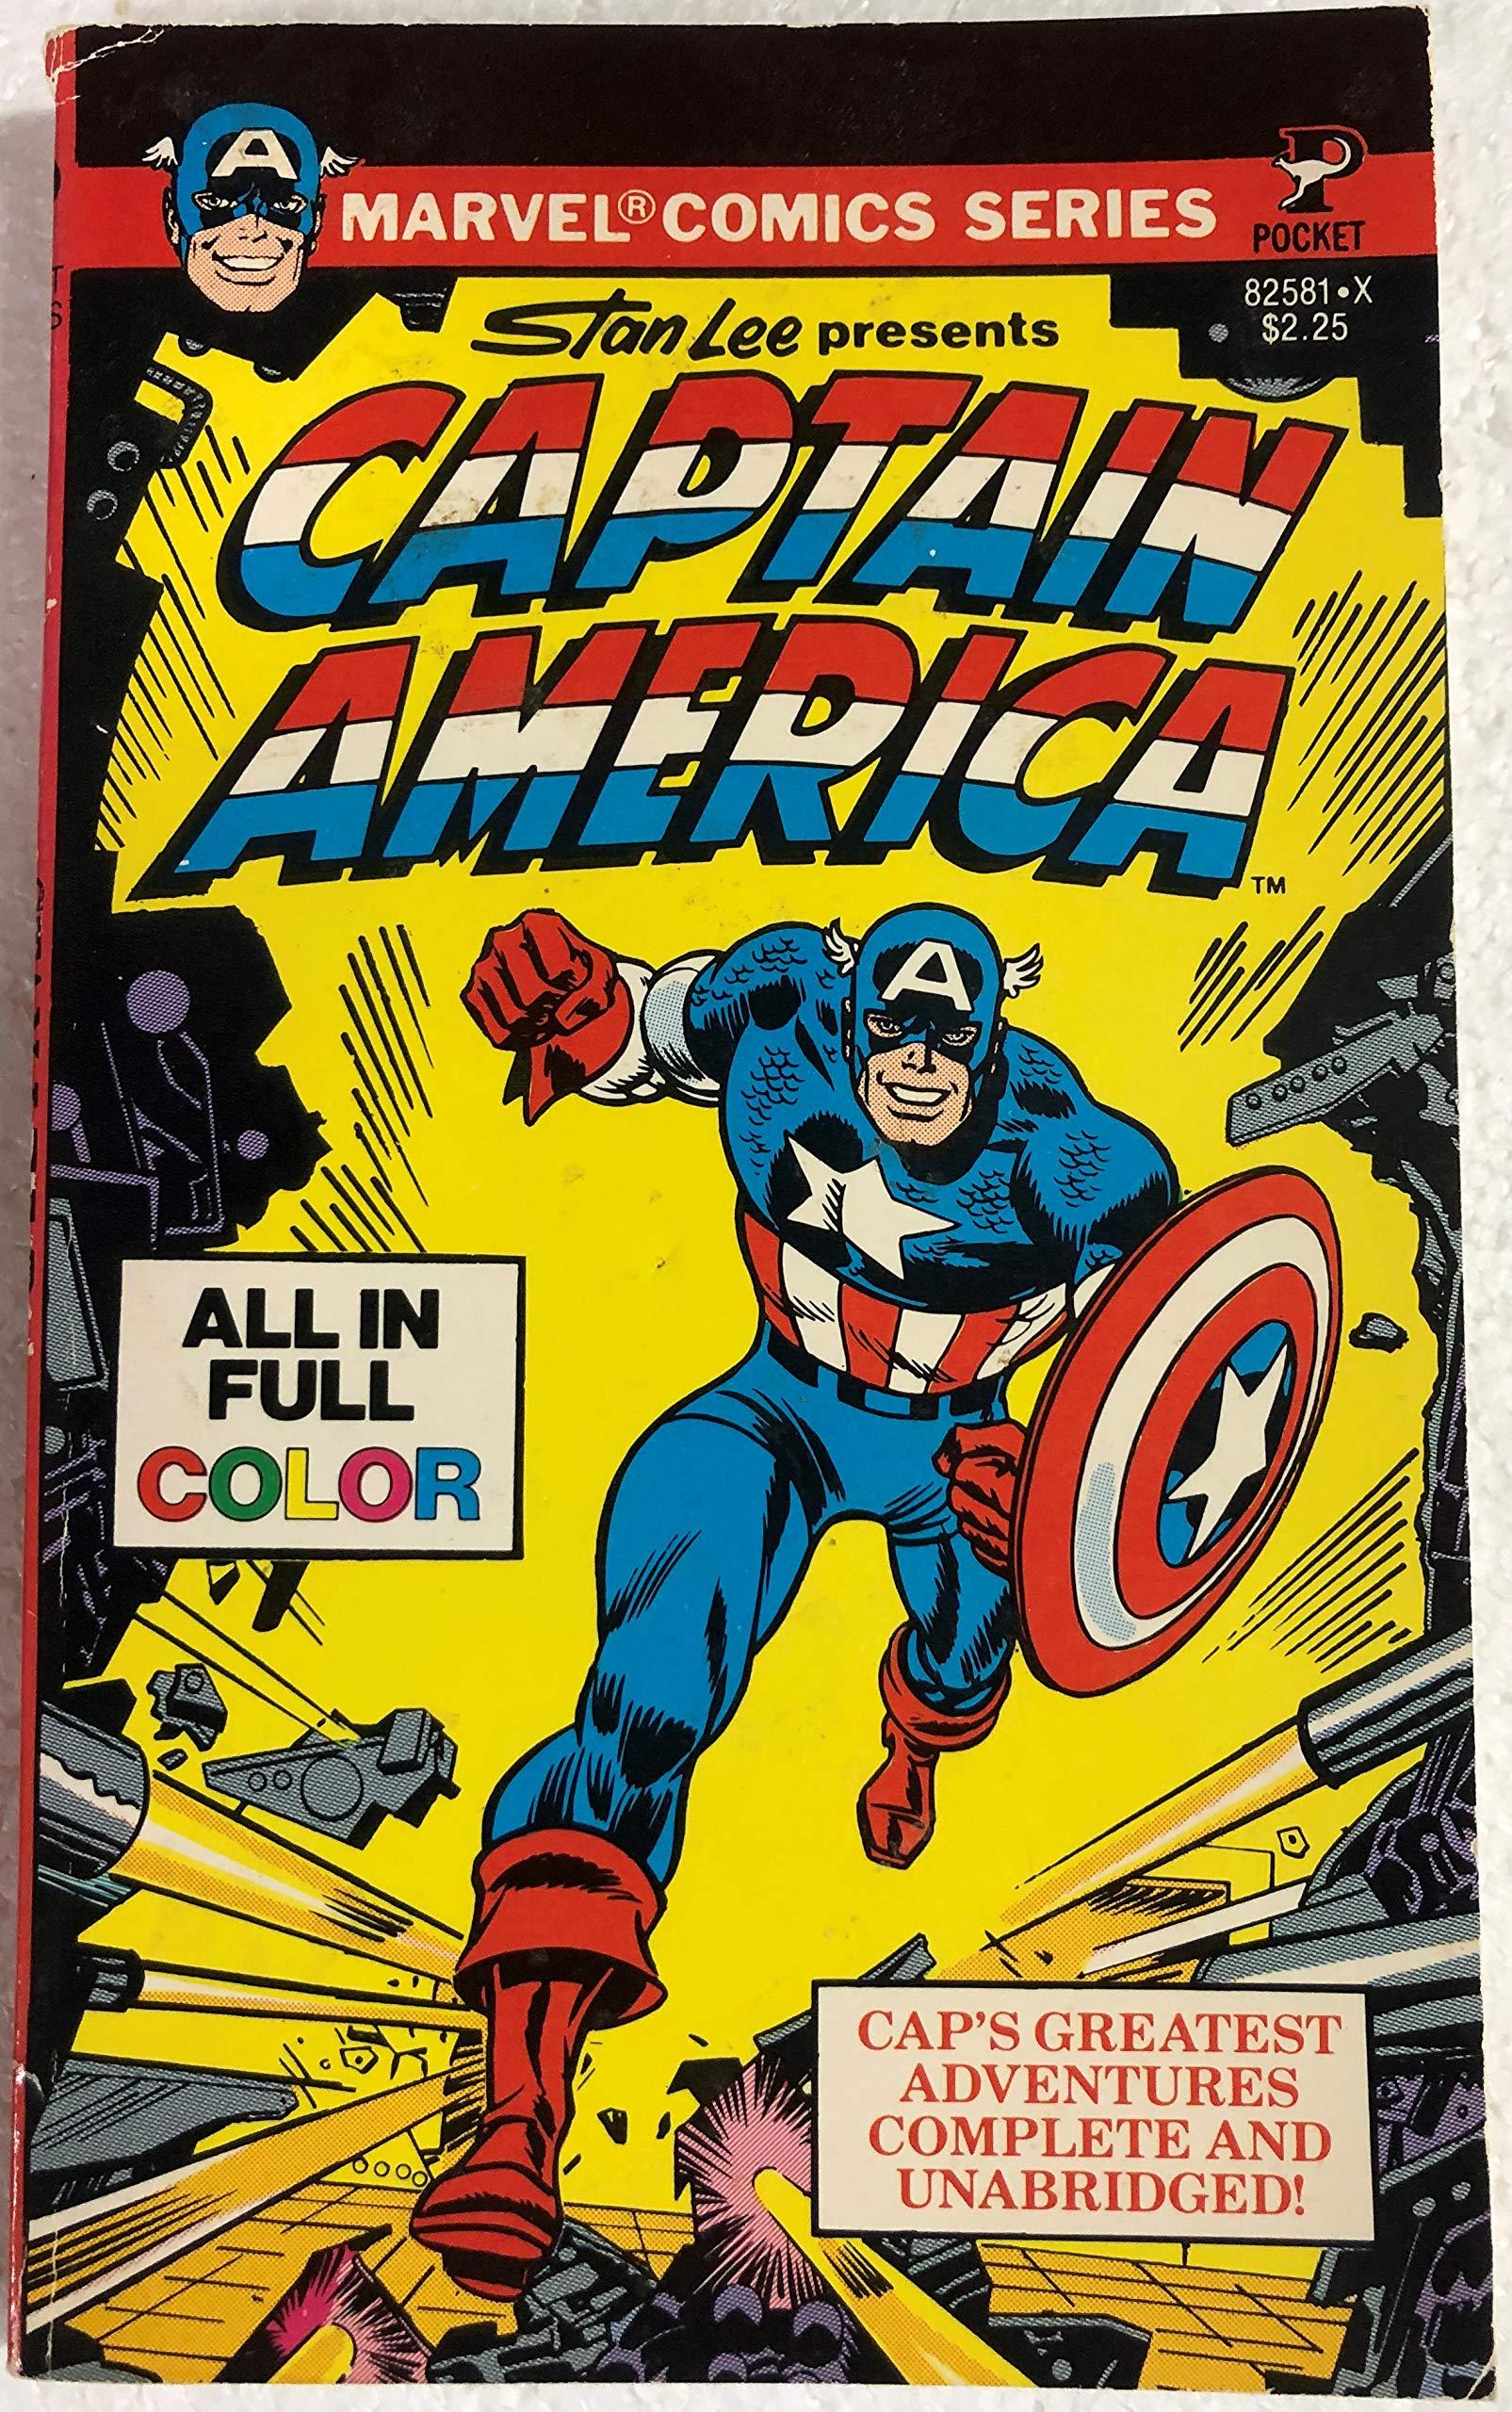 Captain America 9780671825812 Marvel Comic Group Books